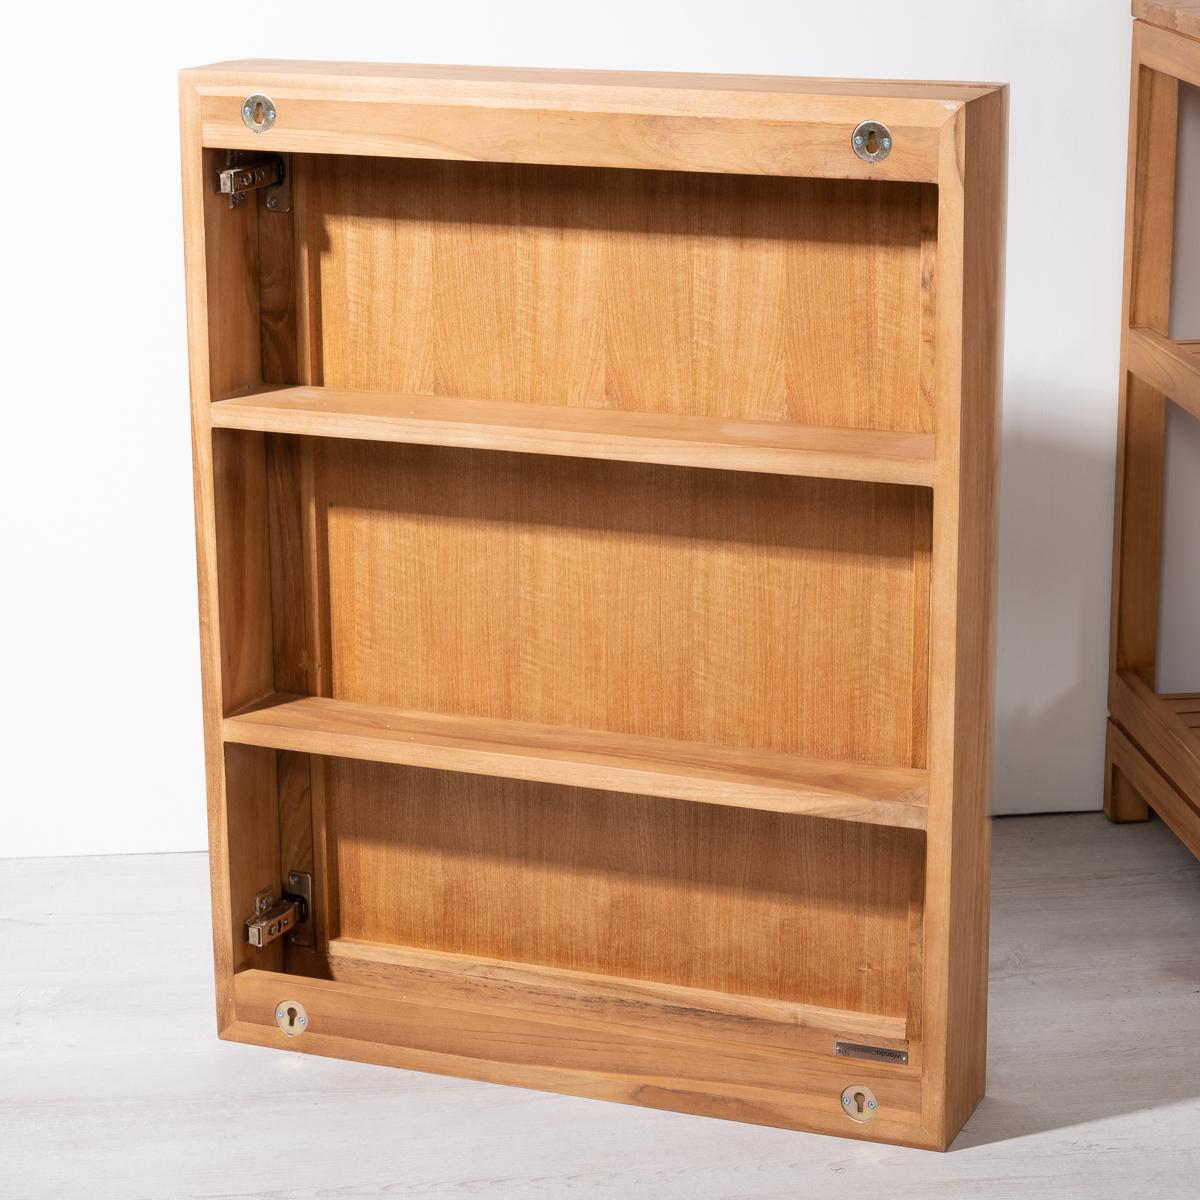 Miroir teck miroir armoire de toilette en bois massif rectangulaire 63 cm - Armoire salle de bain bois ...